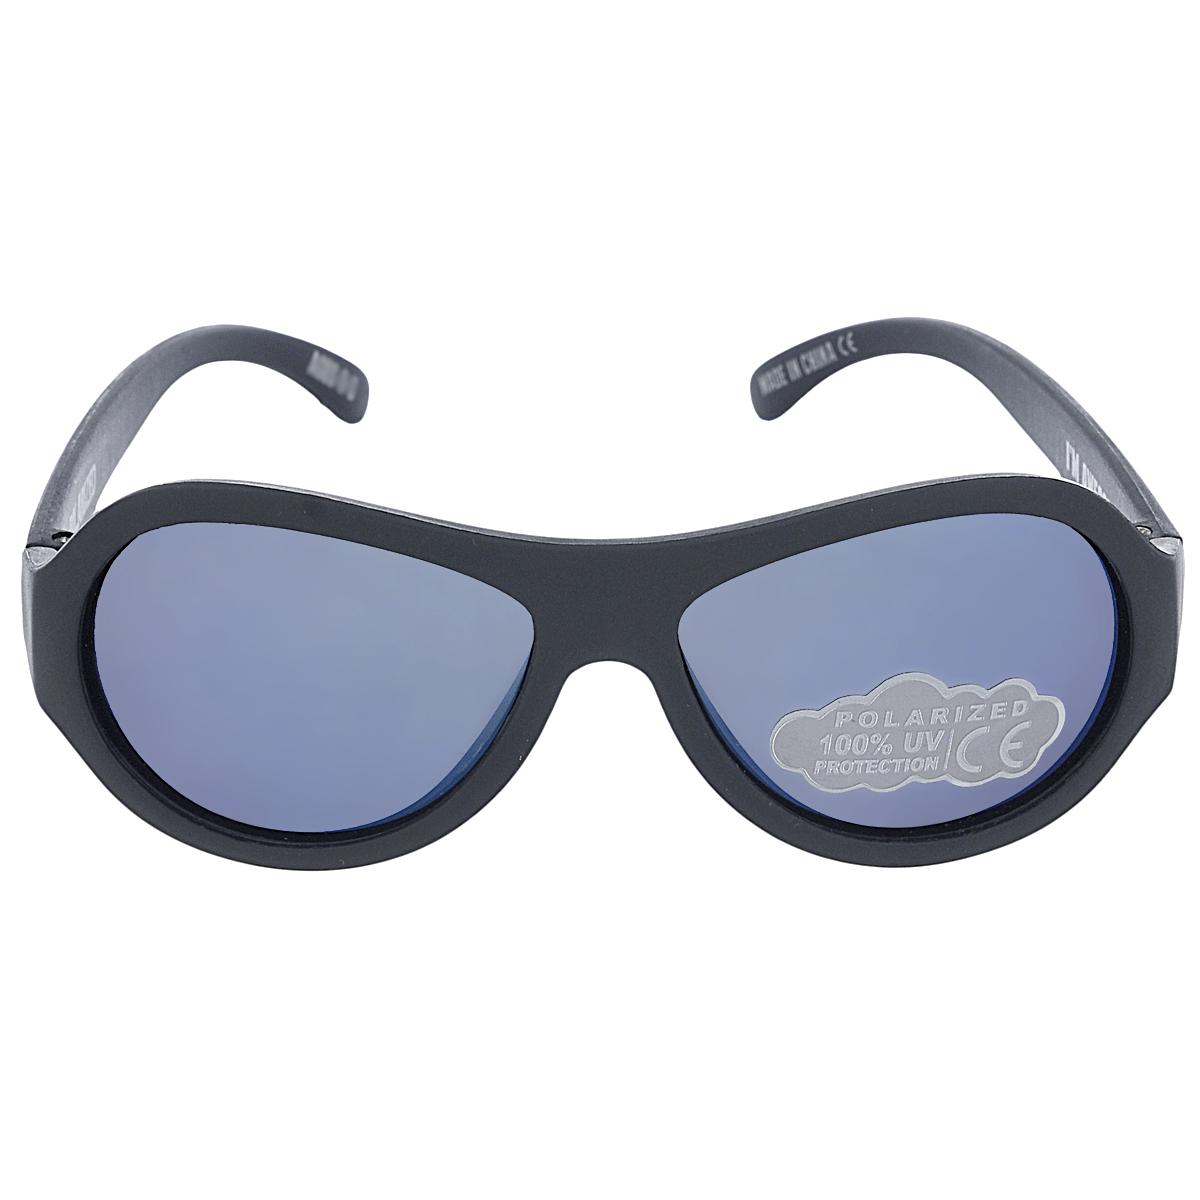 Детские солнцезащитные очки Babiators Спецназ (Black Ops), поляризационные, с футляром, цвет: черный, 3-7 летBAB-050Защита глаз всегда в моде. Вы делаете все возможное, чтобы ваши дети были здоровы и в безопасности. Шлемы для езды на велосипеде, солнцезащитный крем для прогулок на солнце... Но как насчёт влияния солнца на глазах вашего ребёнка? Правда в том, что сетчатка глаза у детей развивается вместе с самим ребёнком. Это означает, что глаза малышей не могут отфильтровать УФ-излучение. Добавьте к этому тот факт, что дети за год получают трёхкратную дозу солнечного воздействия на взрослого человека (доклад Vision Council Report 2013, США). Проблема понятна - детям нужна настоящая защита, чтобы глазки были в безопасности, а зрение сильным. Каждая пара солнцезащитных очков Babiators для детей обеспечивает 100% защиту от UVA и UVB. Прочные линзы высшего качества не подведут в самых сложных переделках. В отличие от обычных пластиковых очков, оправа Babiators выполнена из гибкого прорезиненного материала, что делает их ударопрочными, их можно сгибать и крутить - они не сломаются и вернутся в...